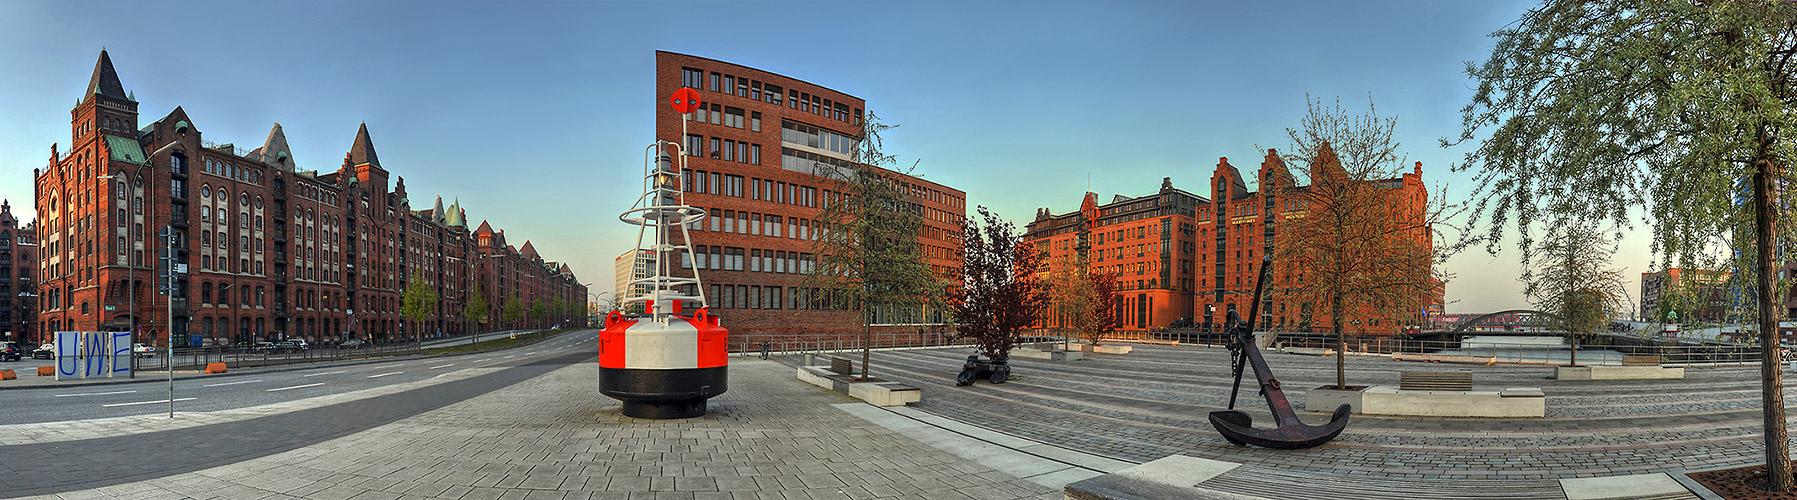 Panorama am Internationalen Maritimen Museum - Hamburg